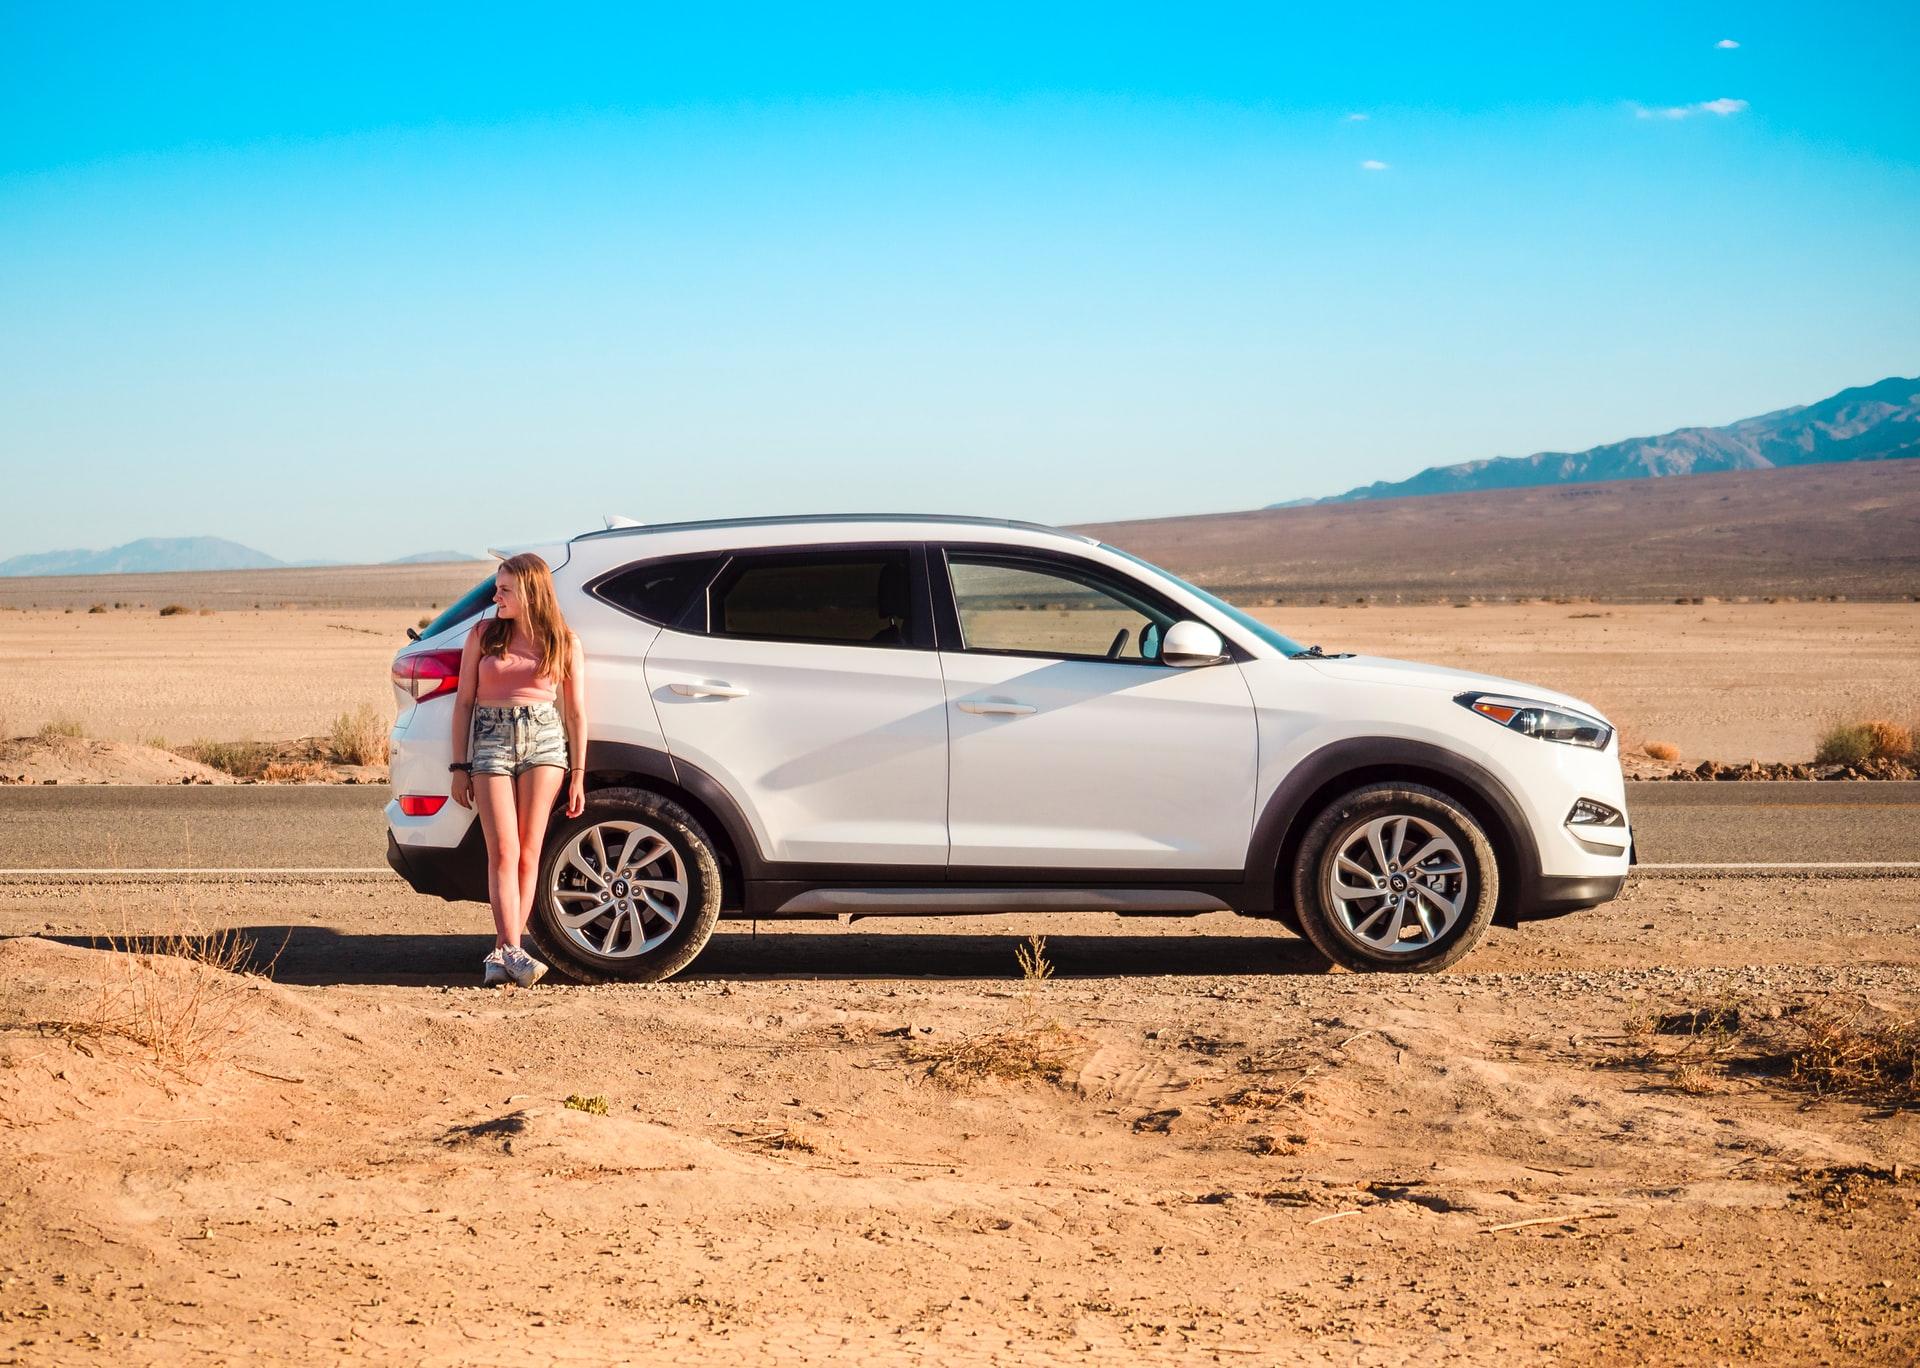 Jedentagdeals.com   Die besten kleinen SUVs im Jahr 10